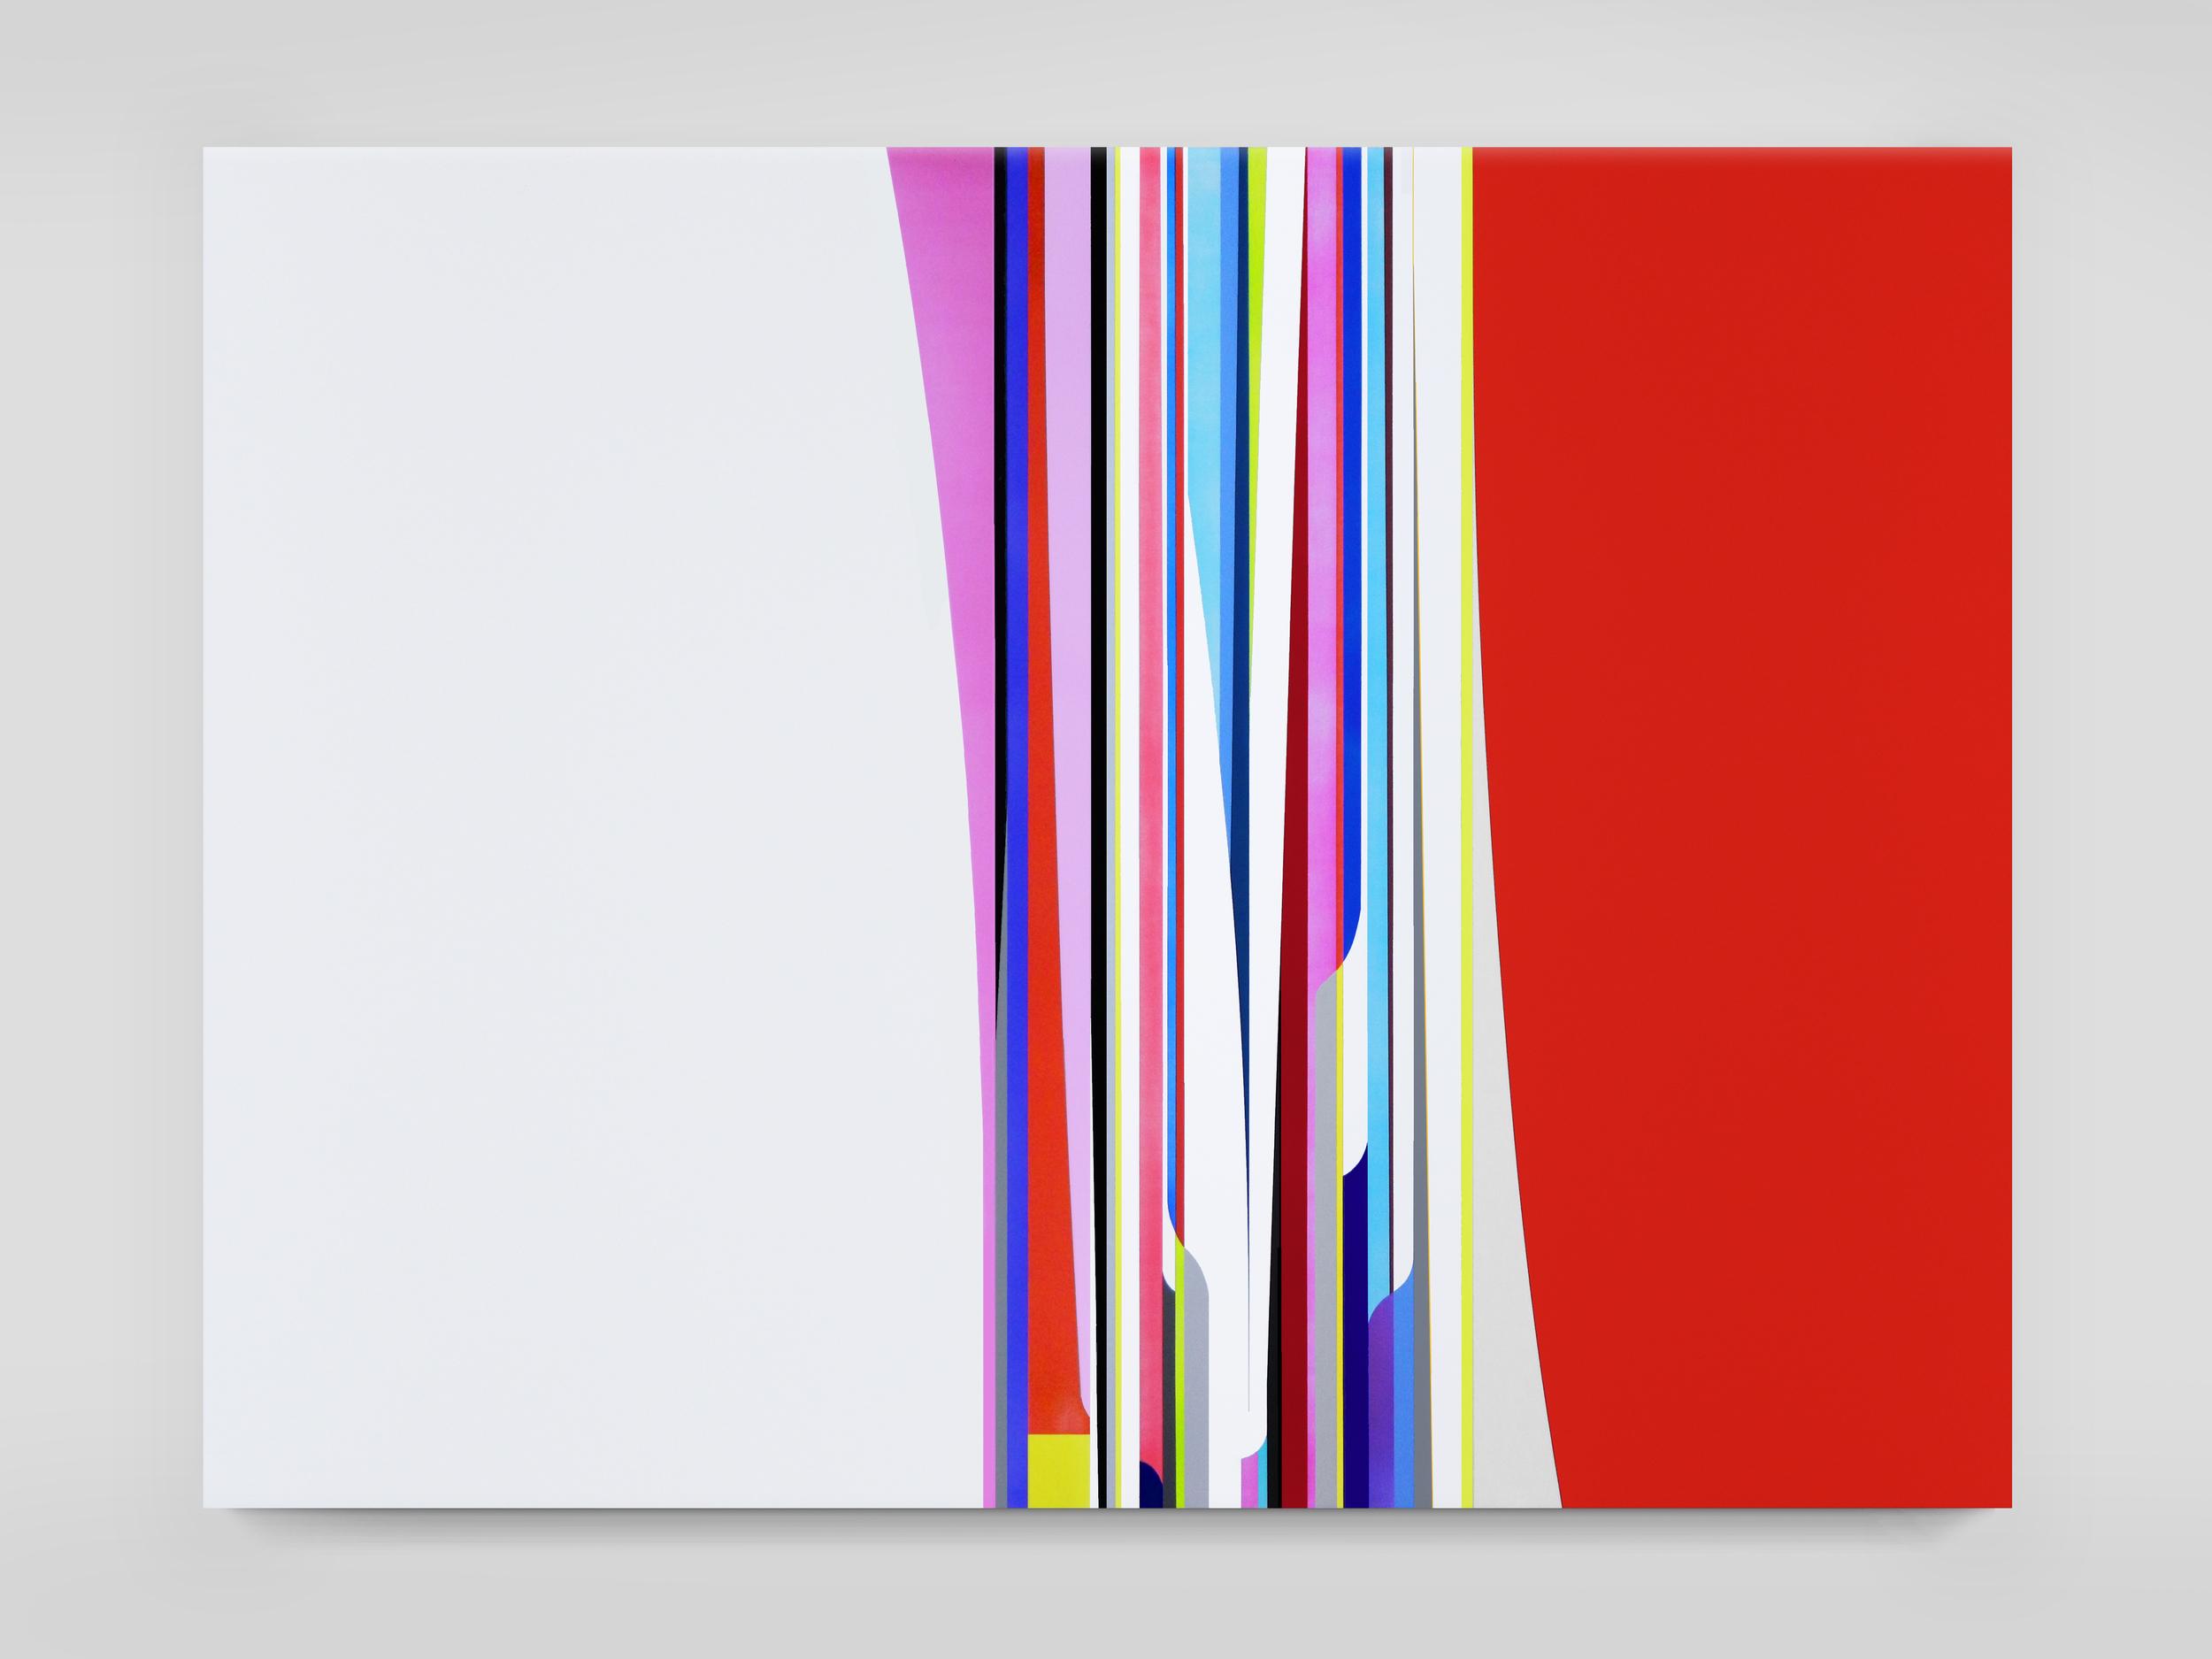 DION JOHNSON, Race Car, 2015, acrylic on canvas, 60 x 80 inches